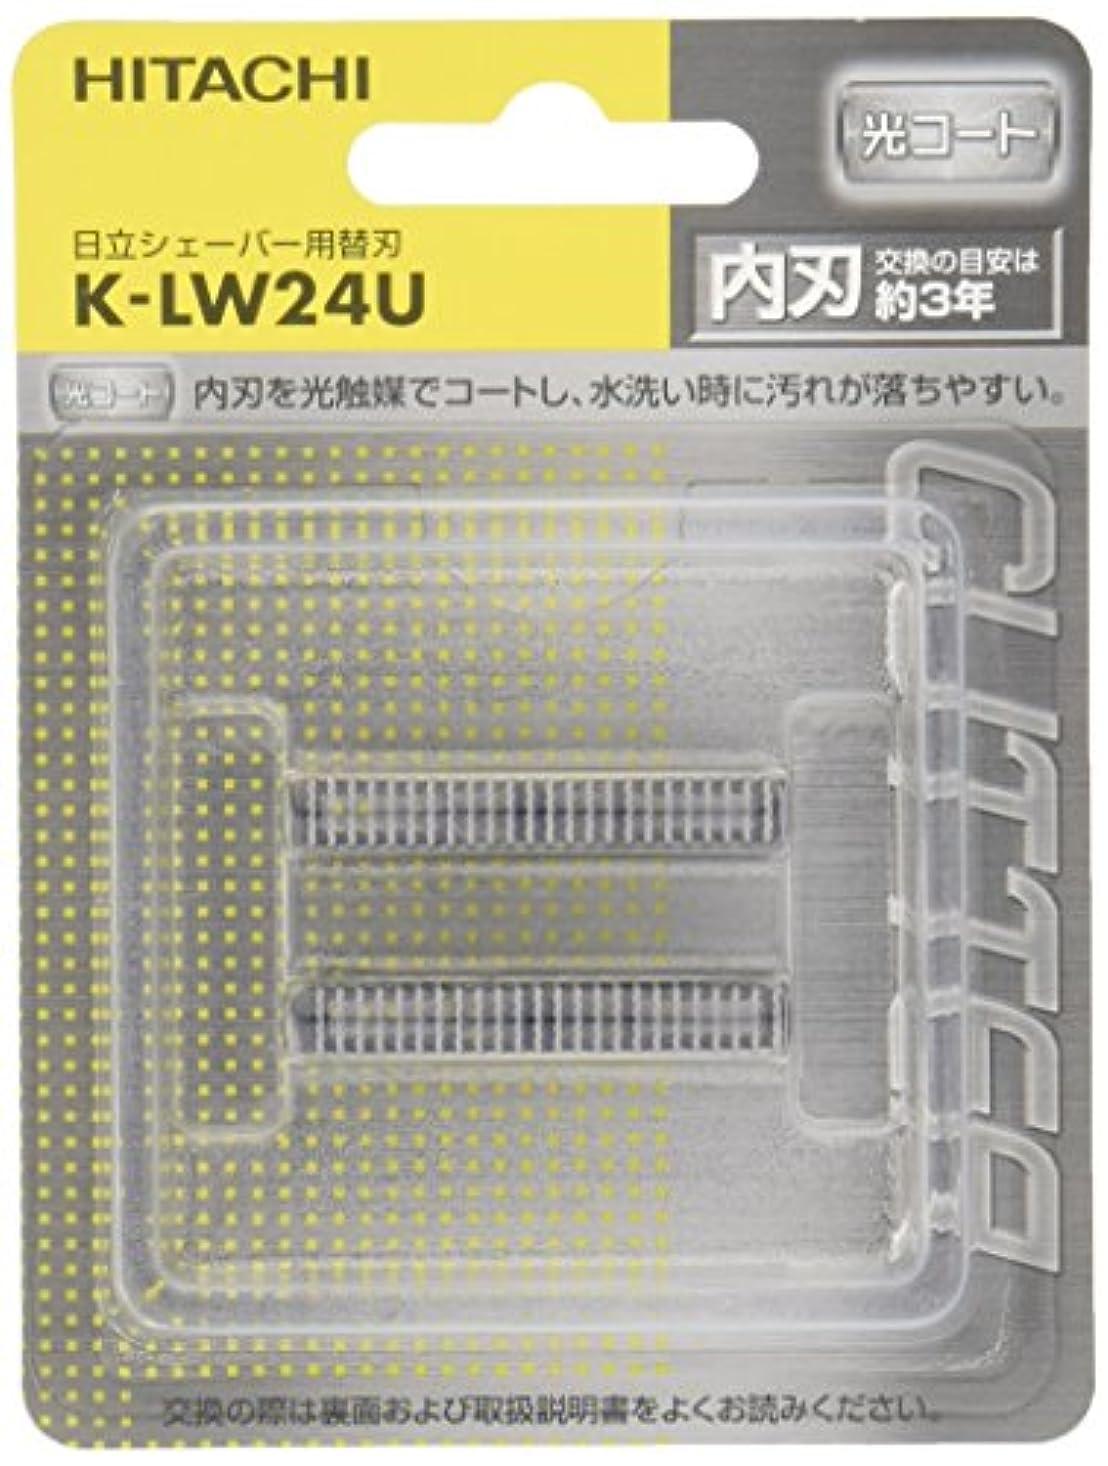 クロール抵当料理をする日立 メンズシェーバー用替刃 K-LW24U